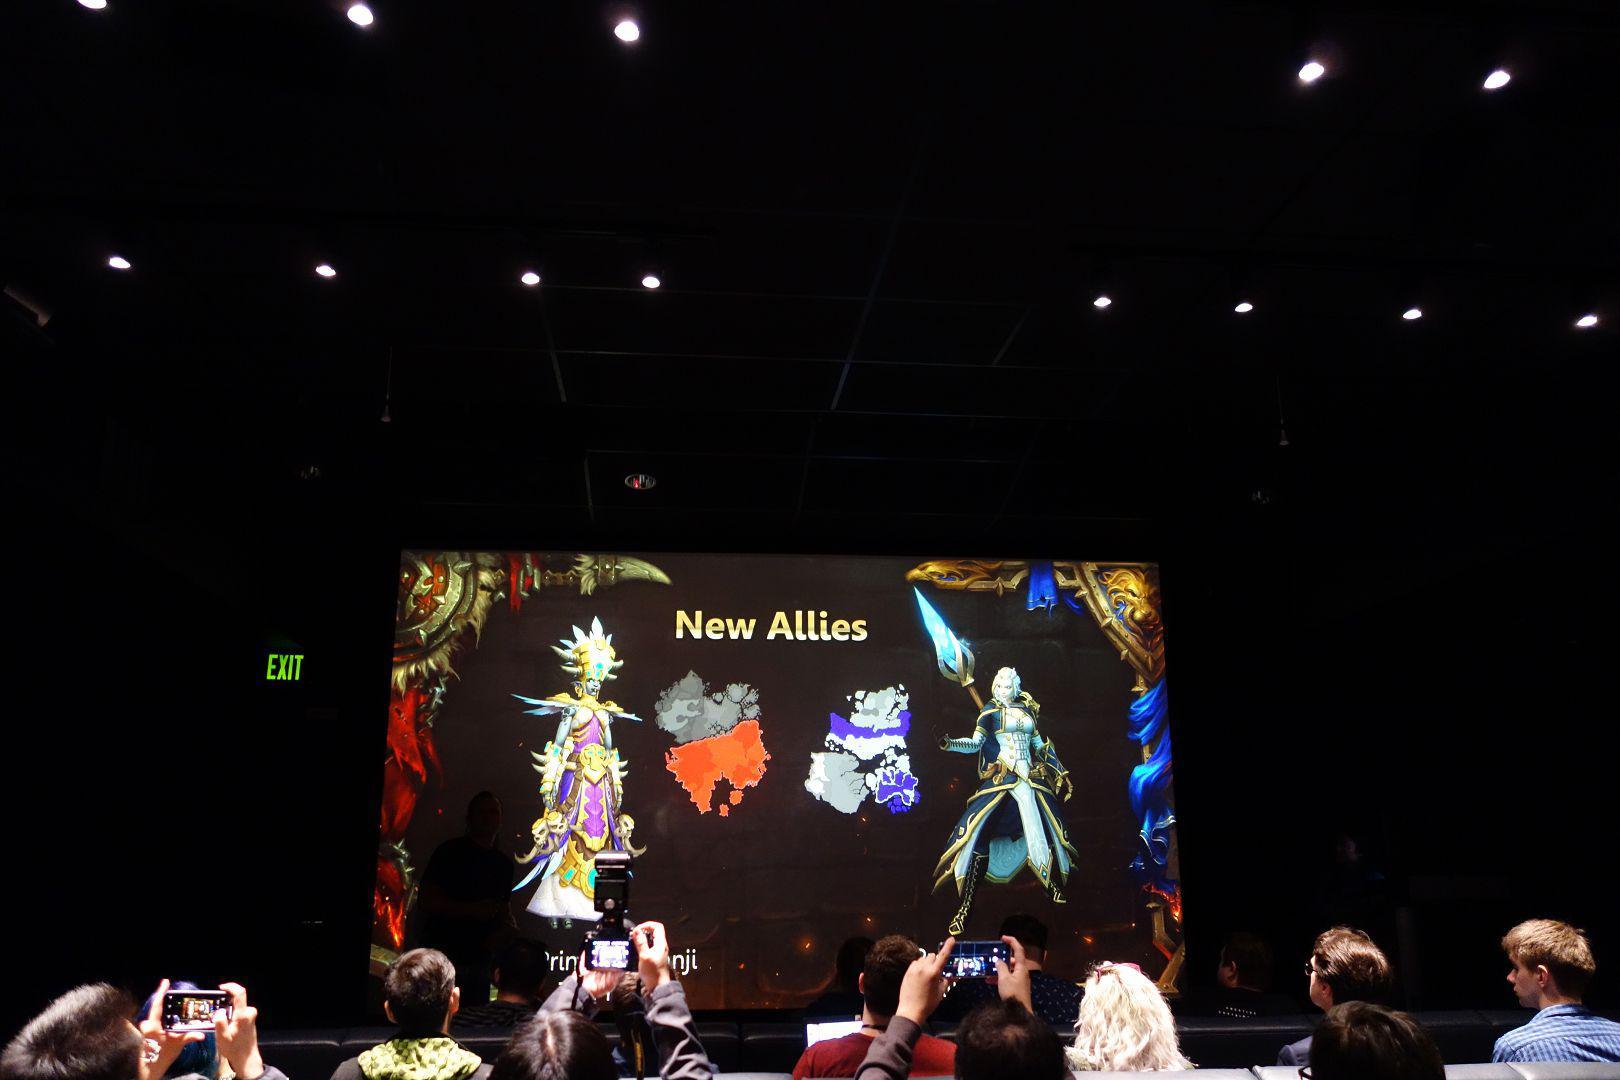 魔兽世界8.0上线时间确认 两大全新玩法加入